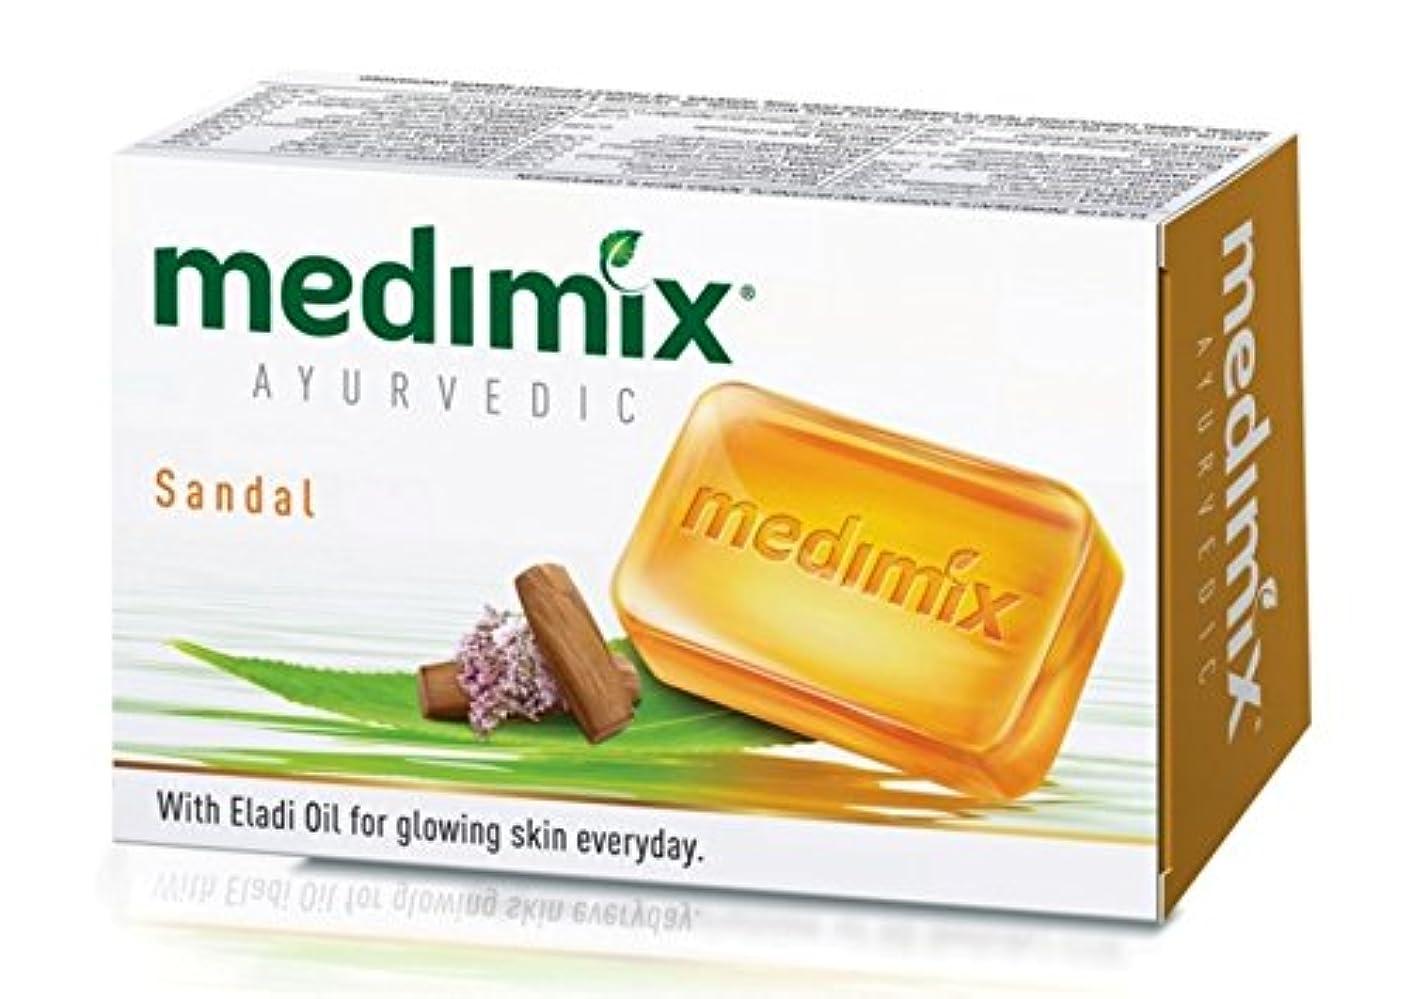 ナビゲーション丁寧崇拝する【medimix国内正規品】メディミックス Sandal ハーブから作られたオーガニック石鹸